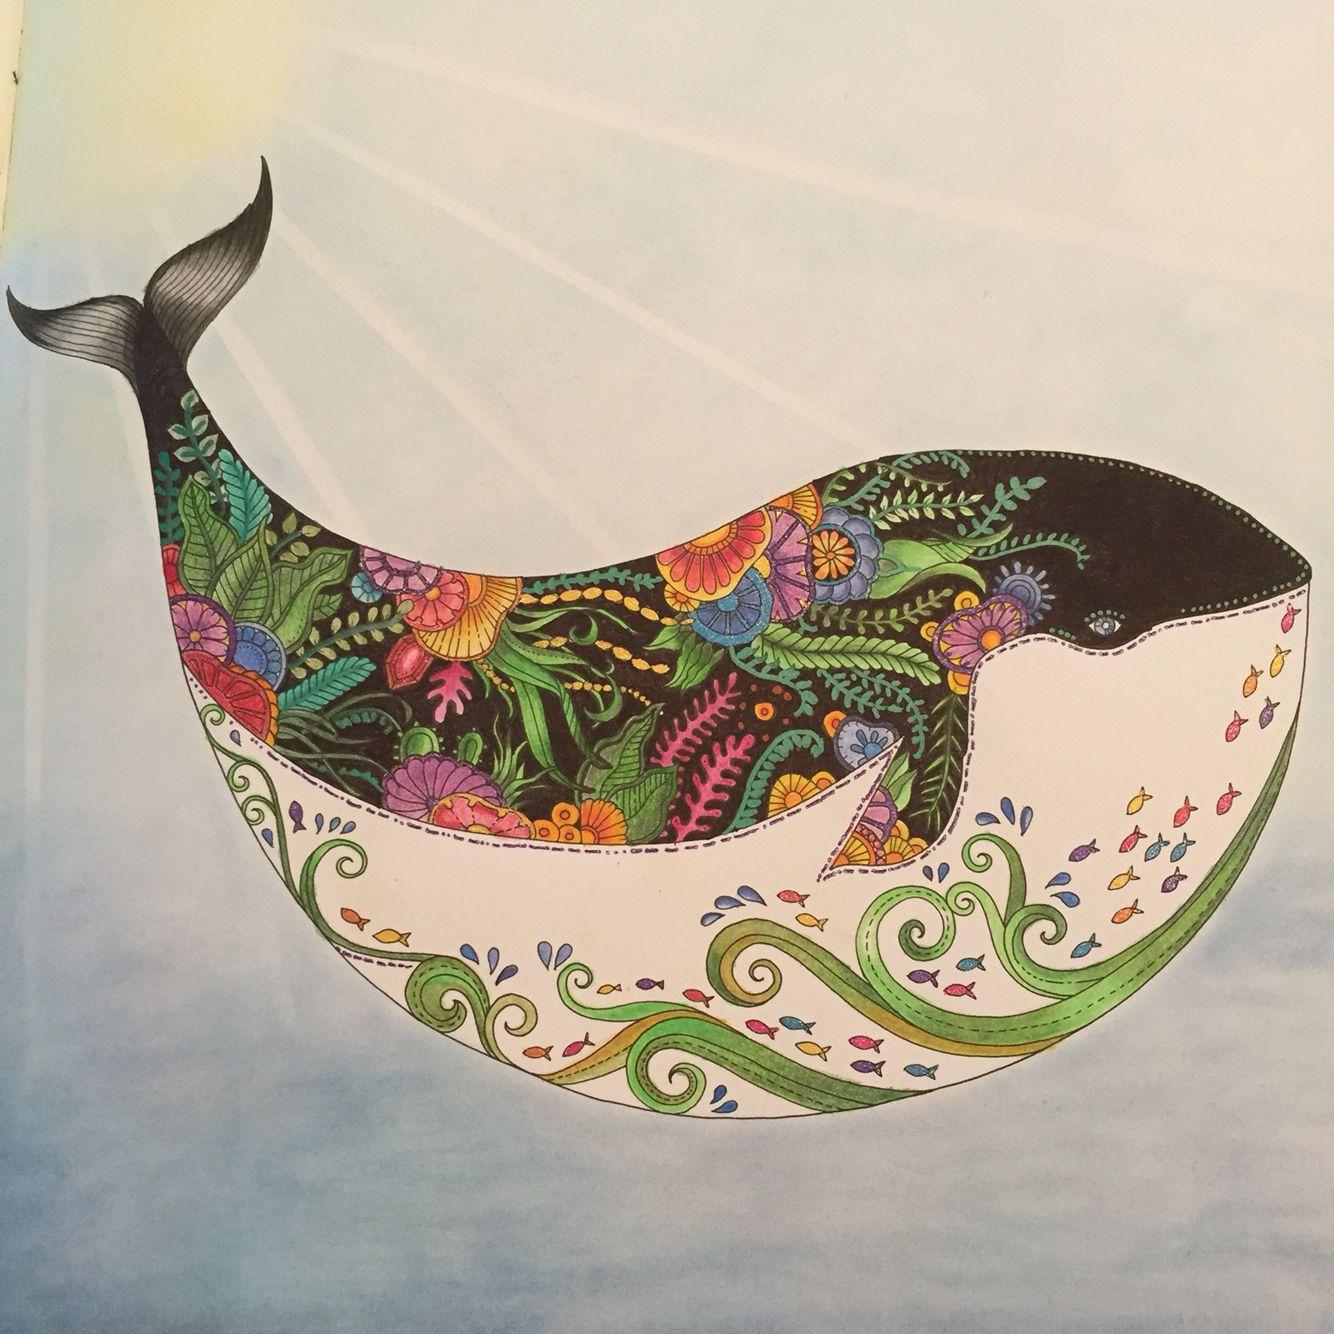 Lost Ocean Lost Ocean Coloring Book Johanna Basford Coloring Book Lost Ocean